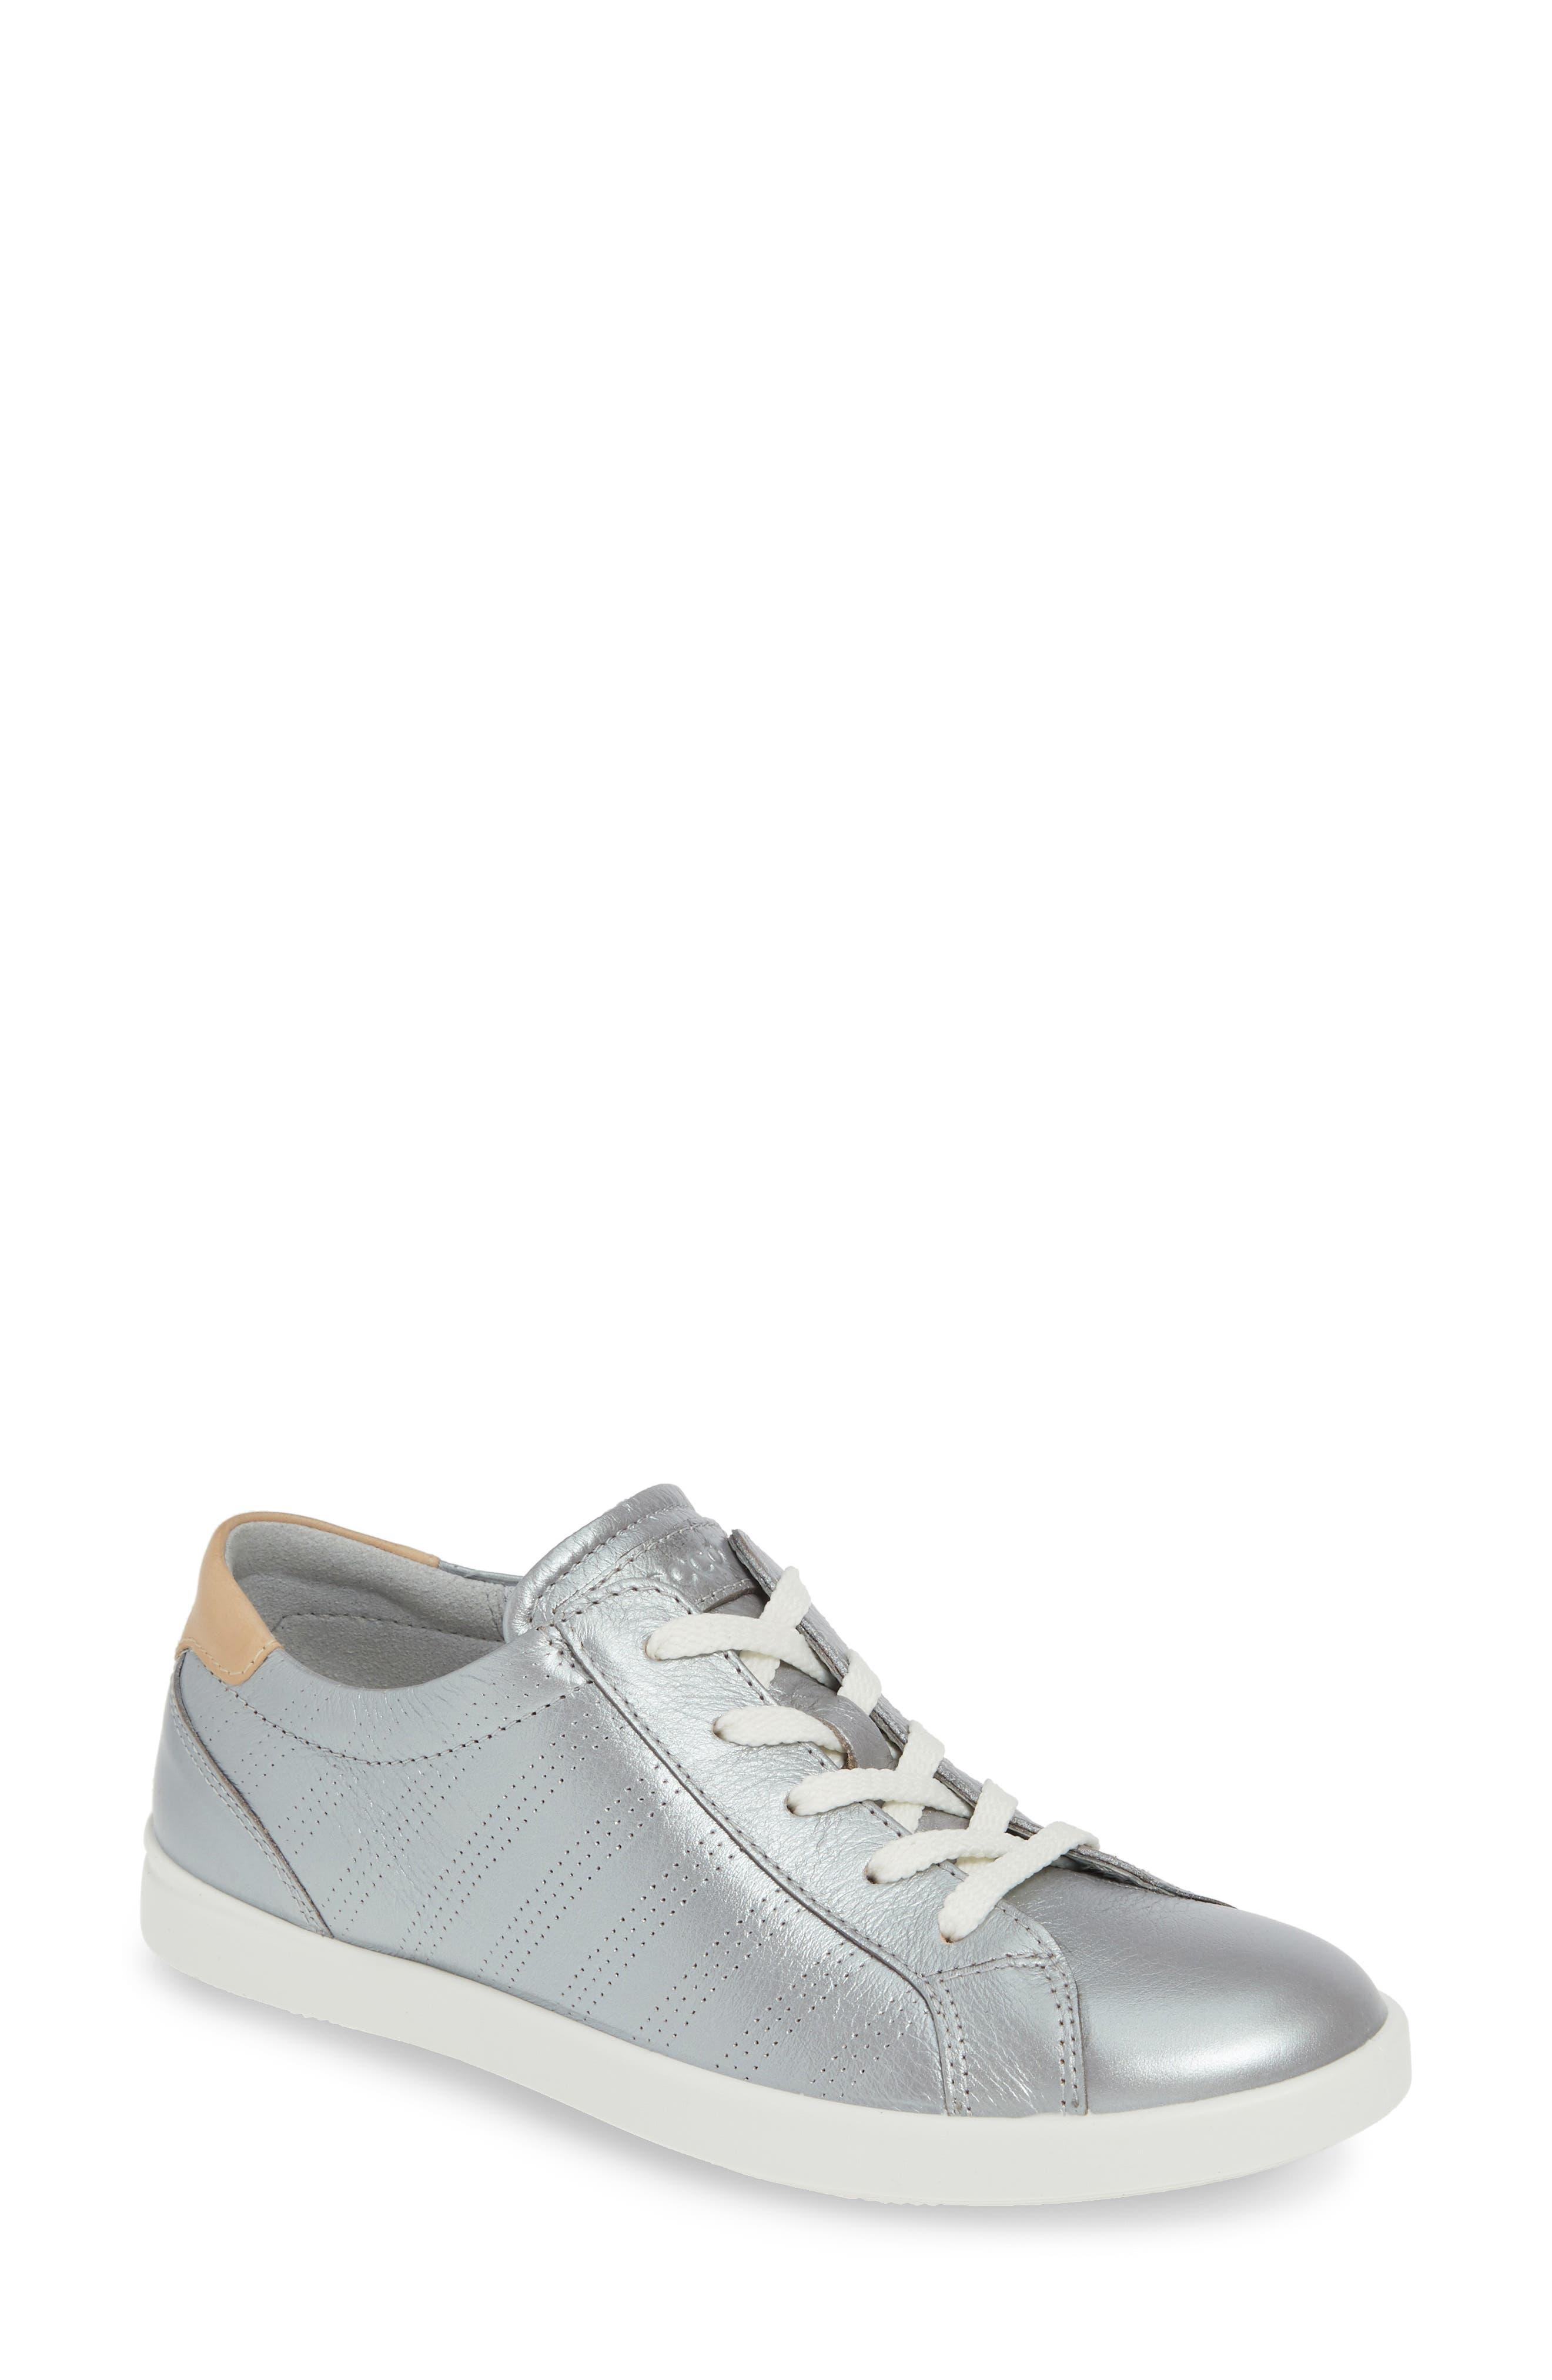 Ecco Leisure Tie Sneaker, Grey